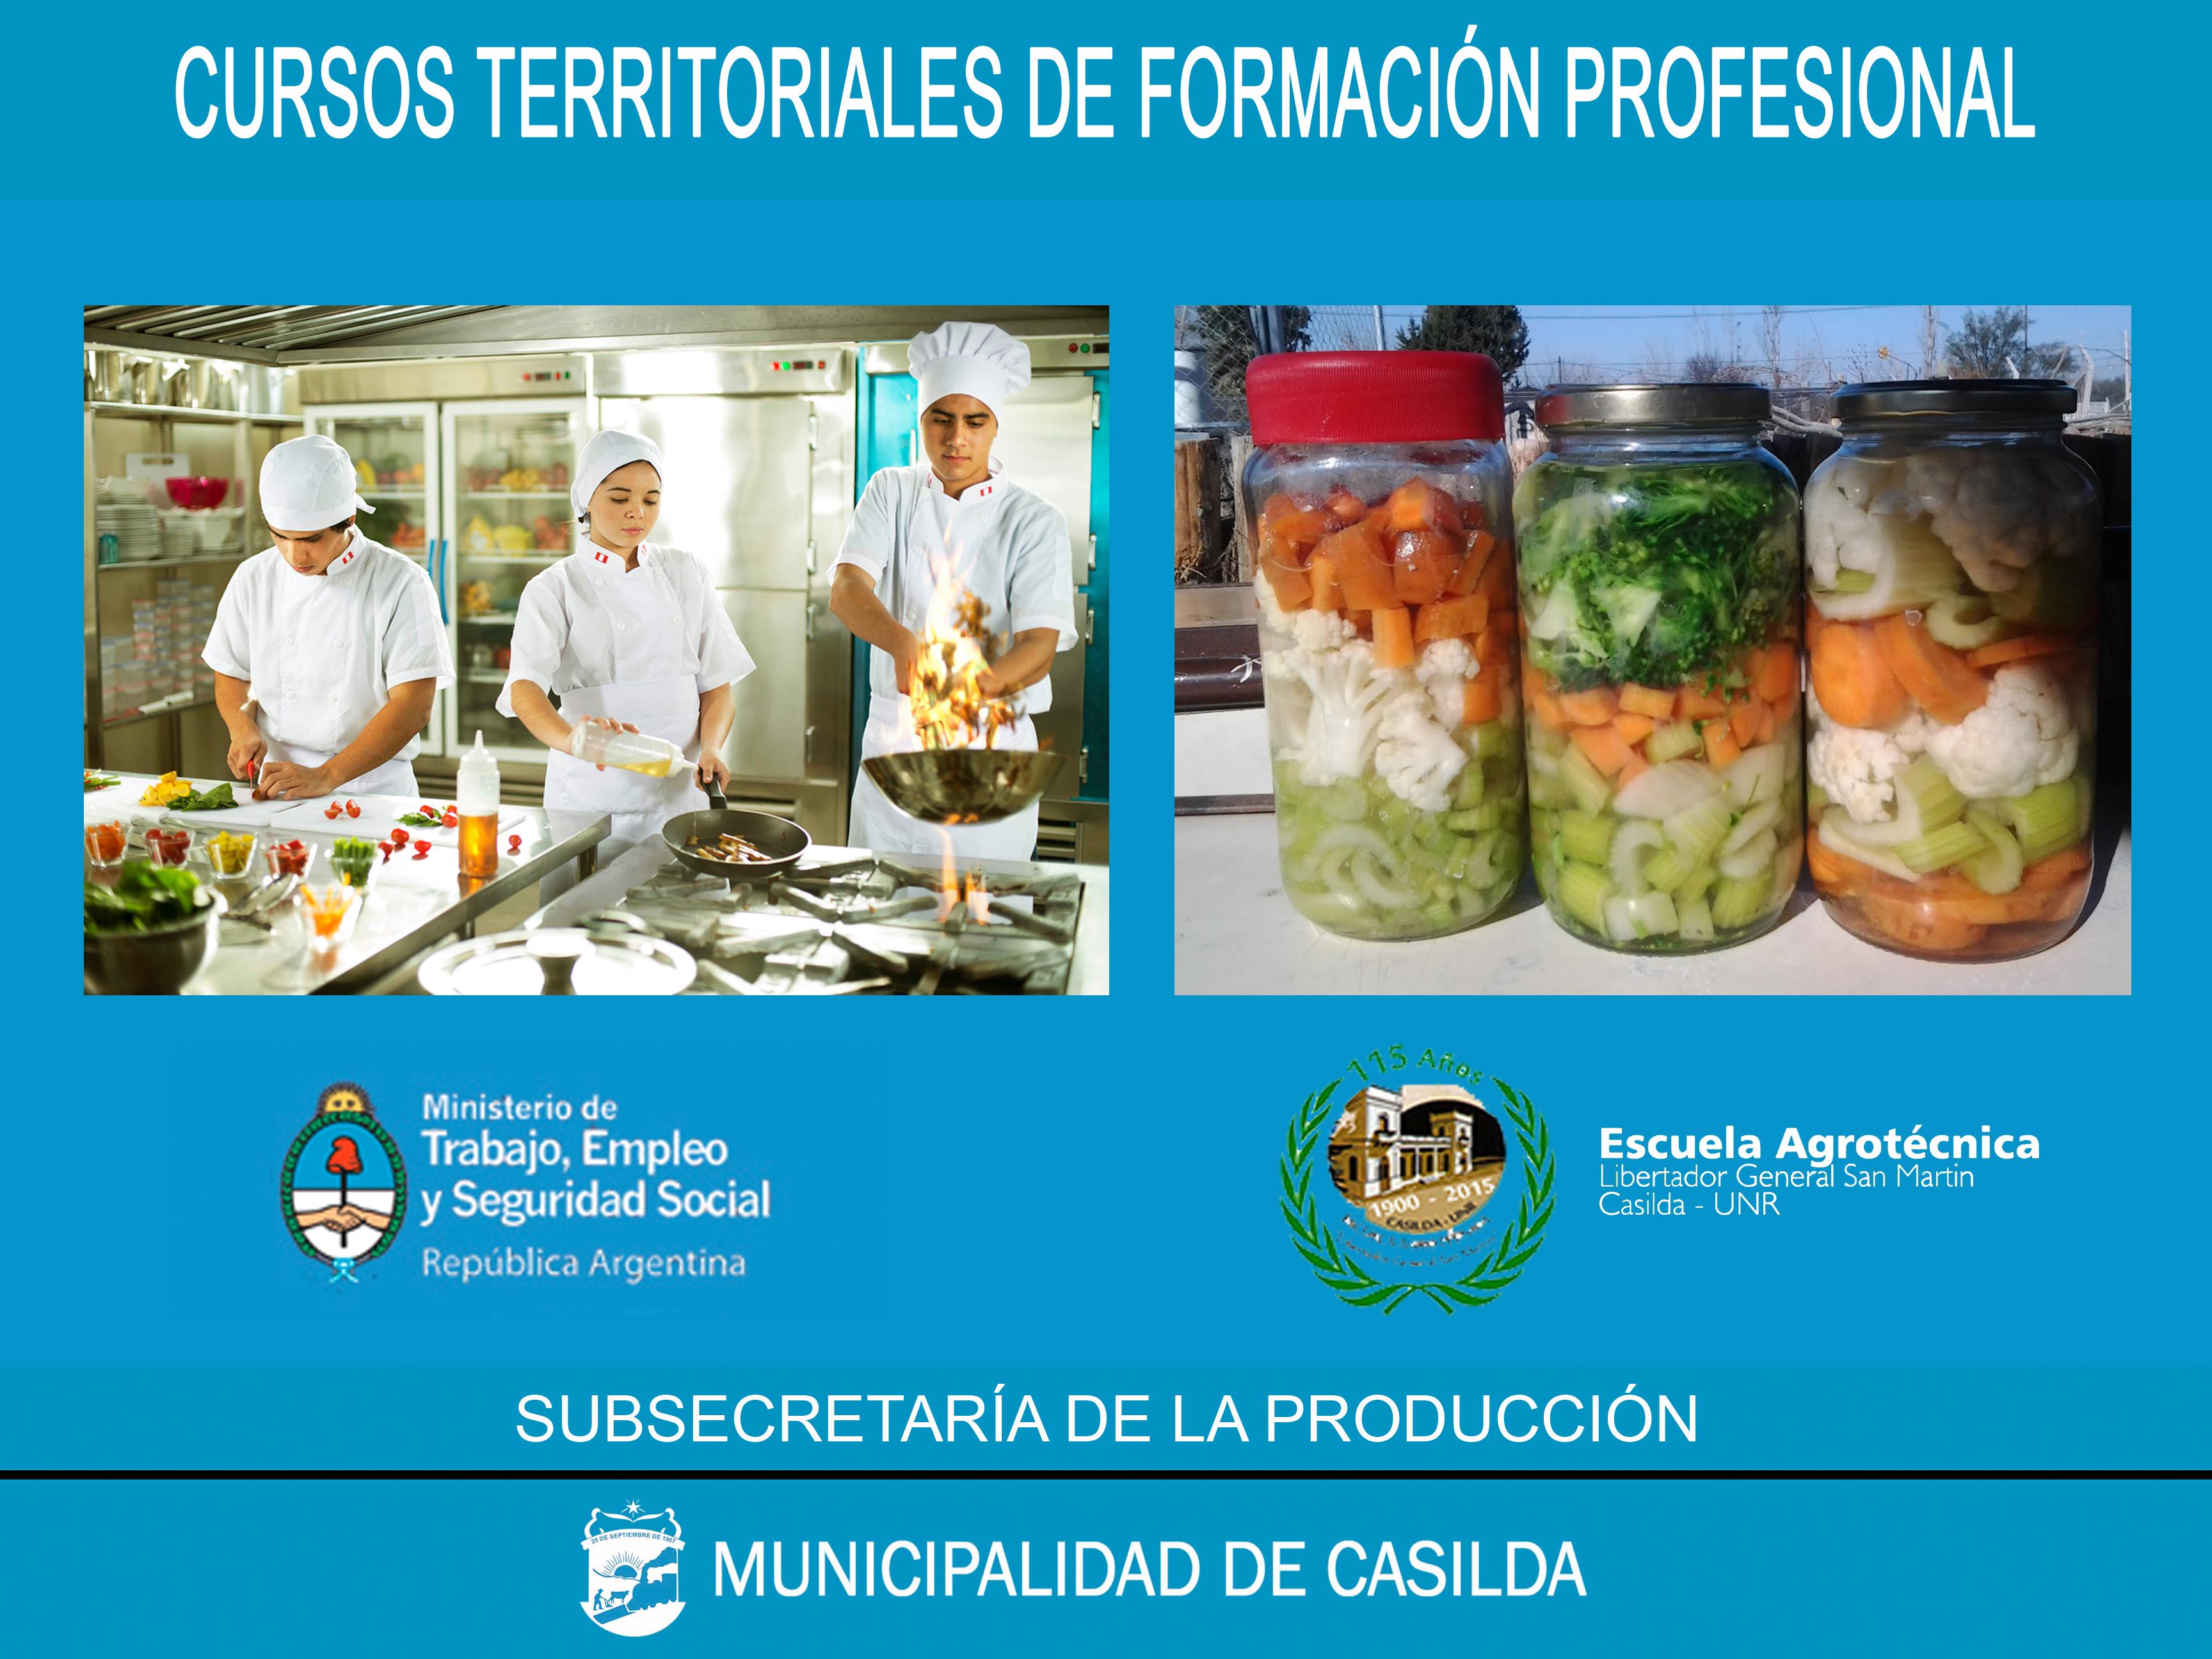 Noticias municipalidad de casilda santa fe argentina for Municipalidad de avellaneda cursos